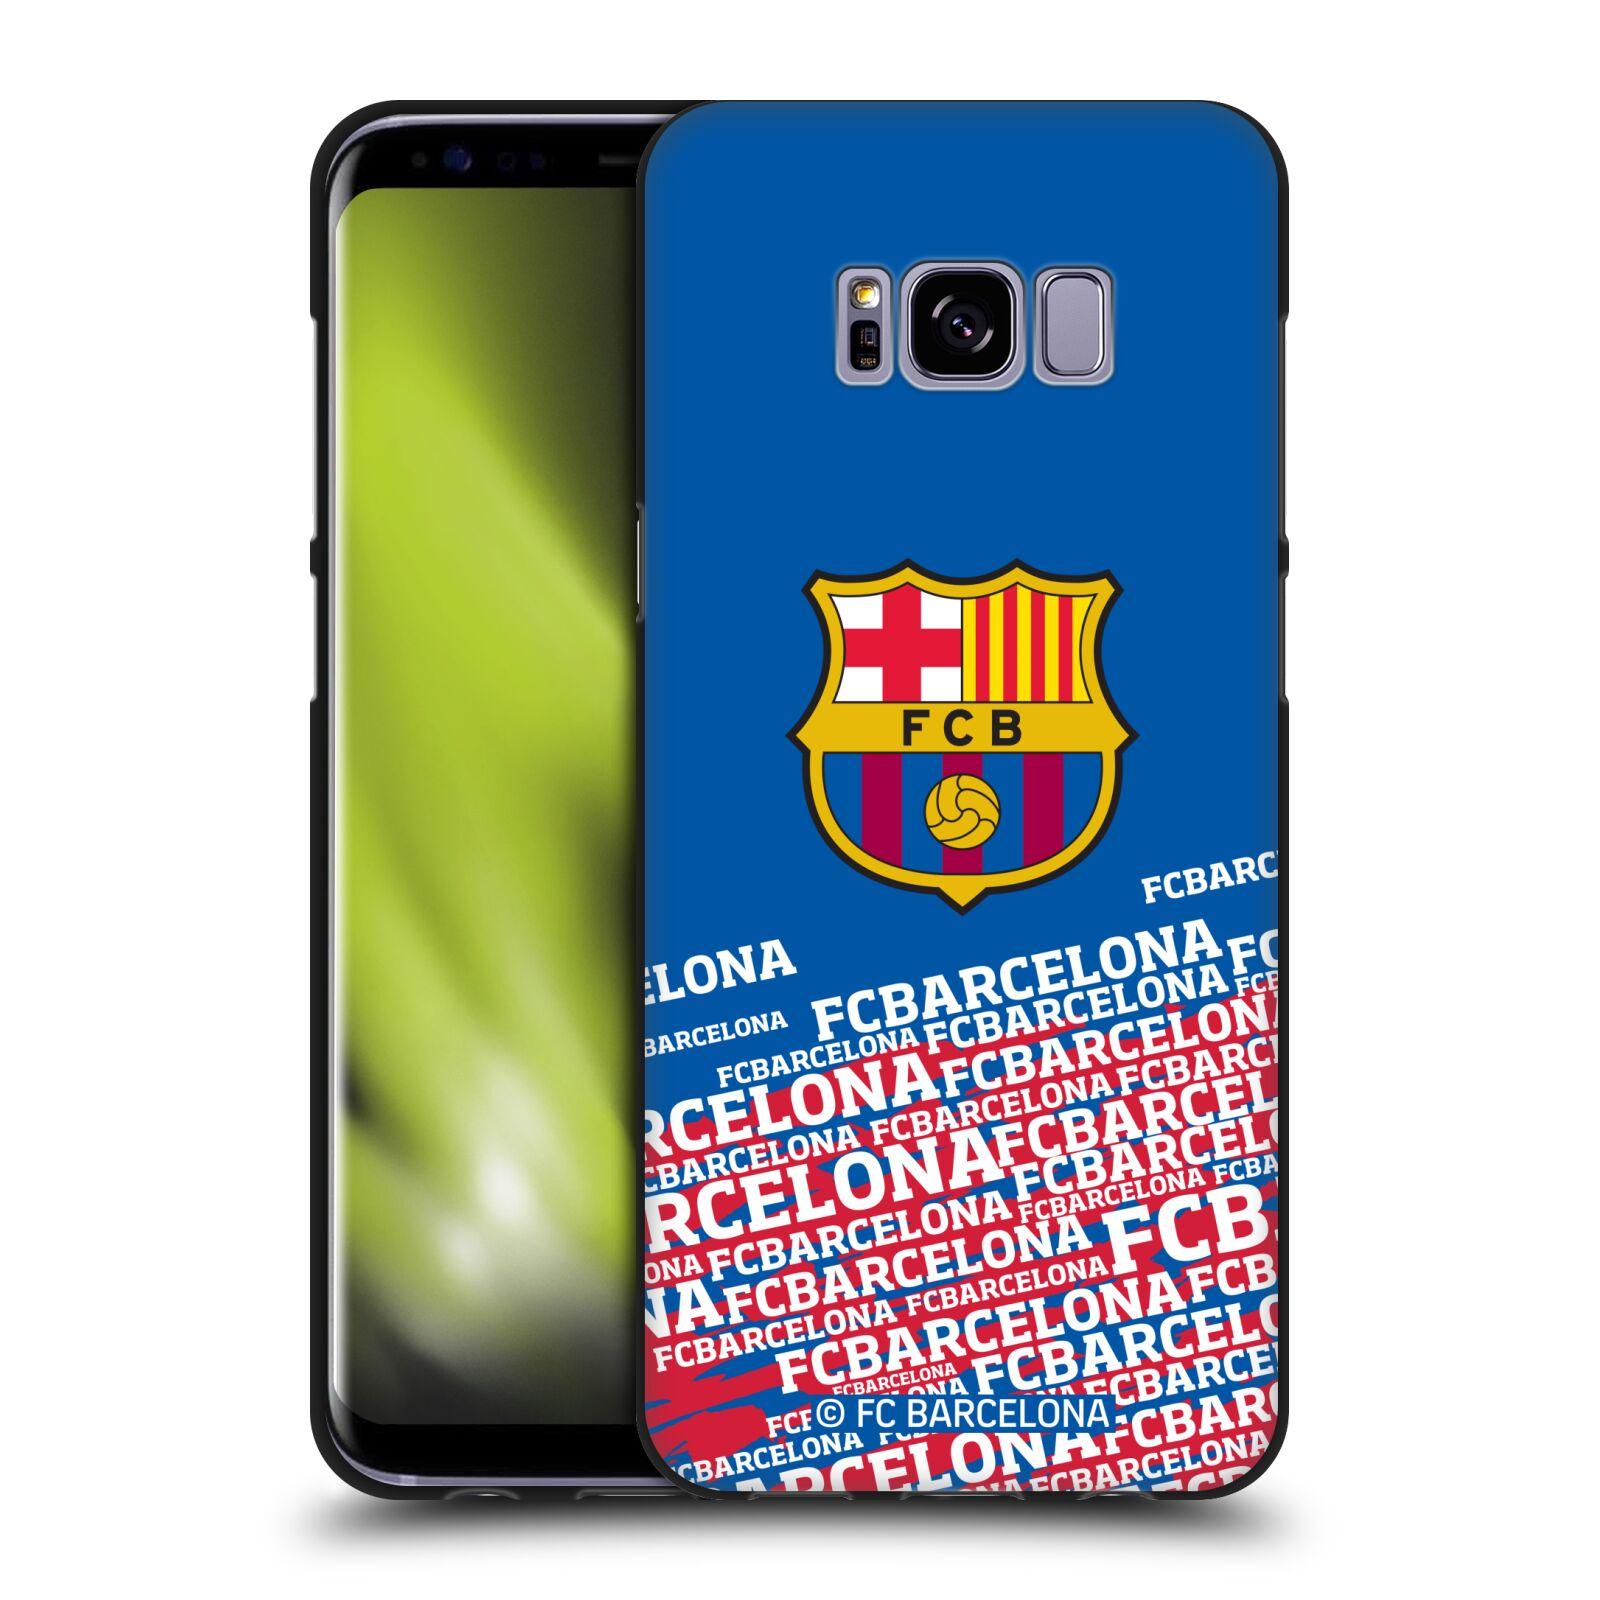 OFFICIAL-FC-BARCELONA-2017-18-CREST-BLACK-SOFT-GEL-CASE-FOR-SAMSUNG-PHONES-1